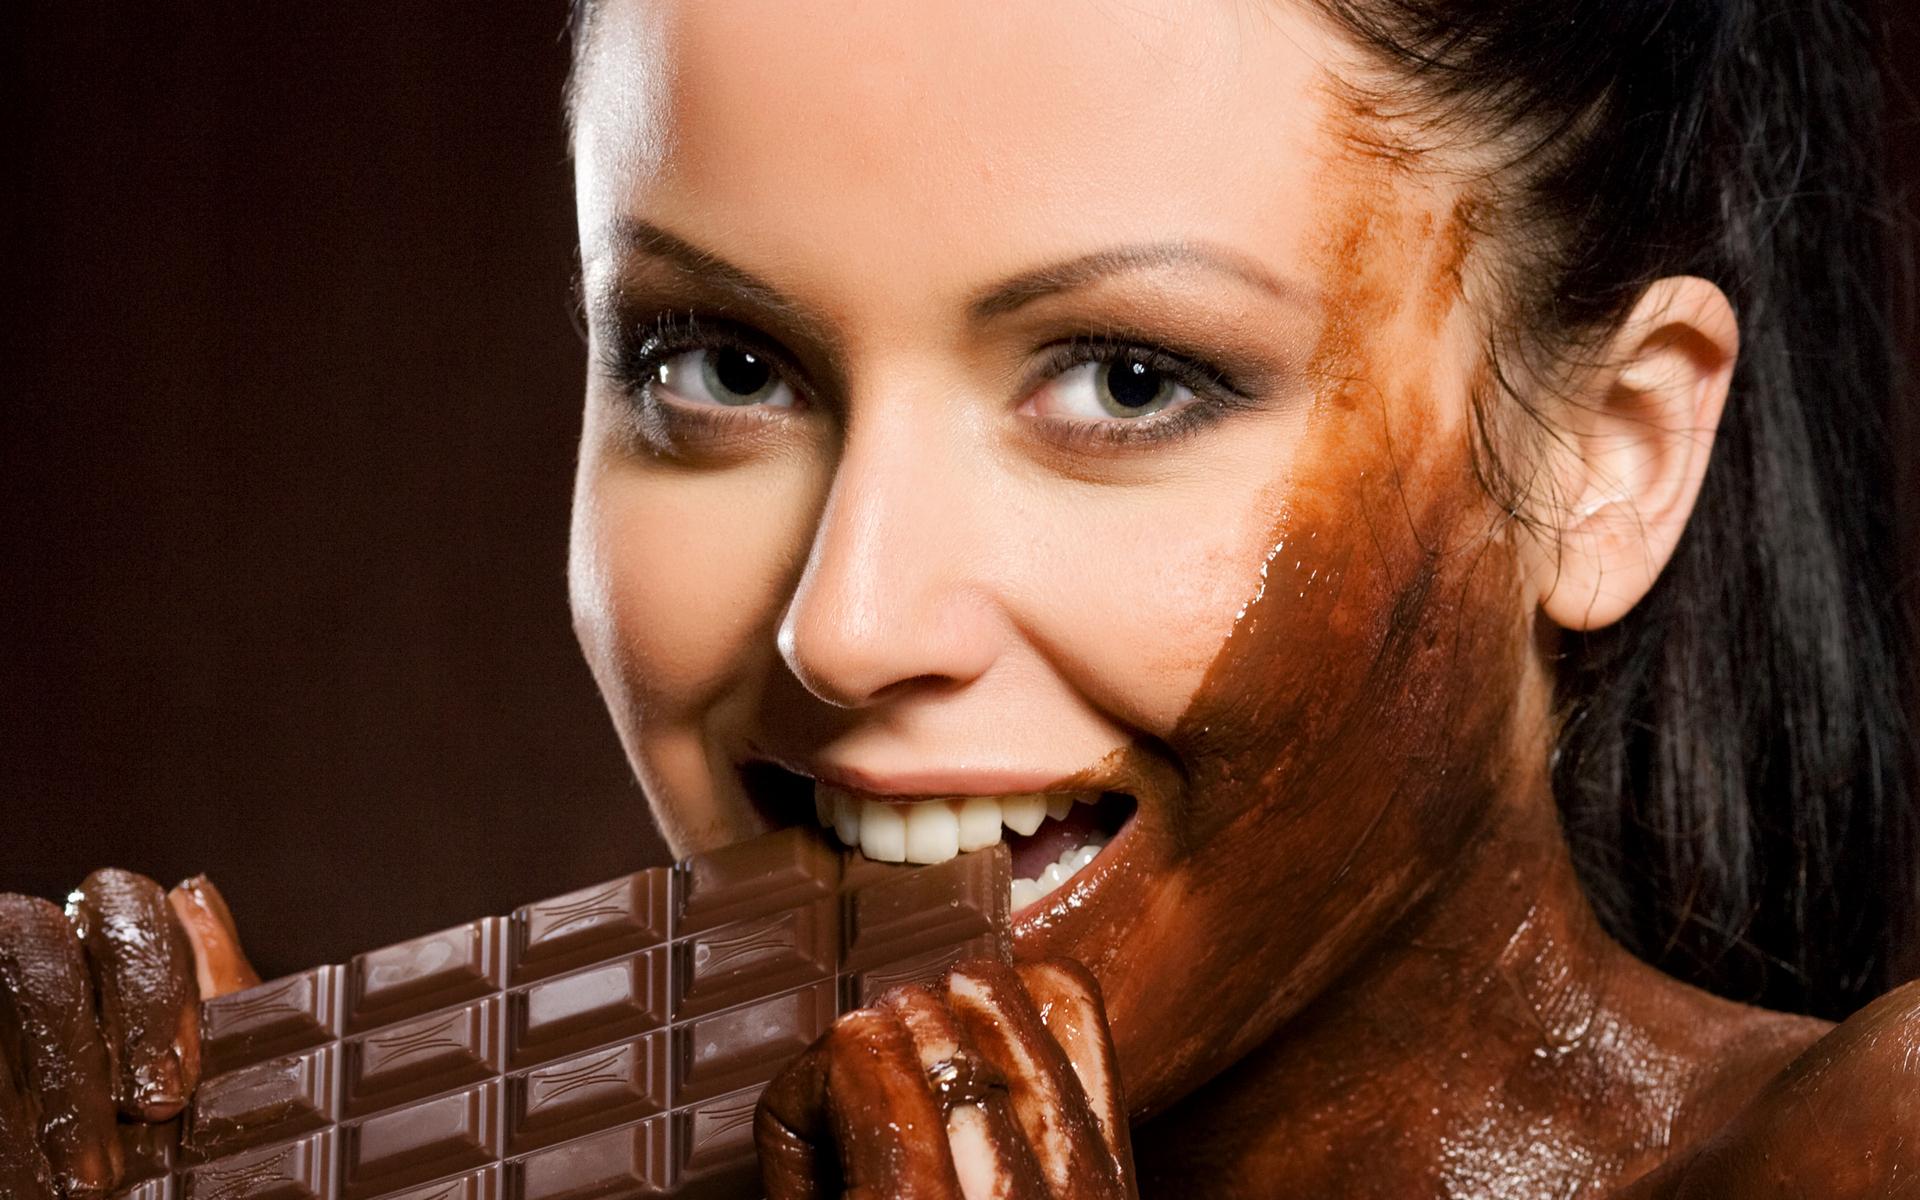 женский шоколадный глаз фото комедию